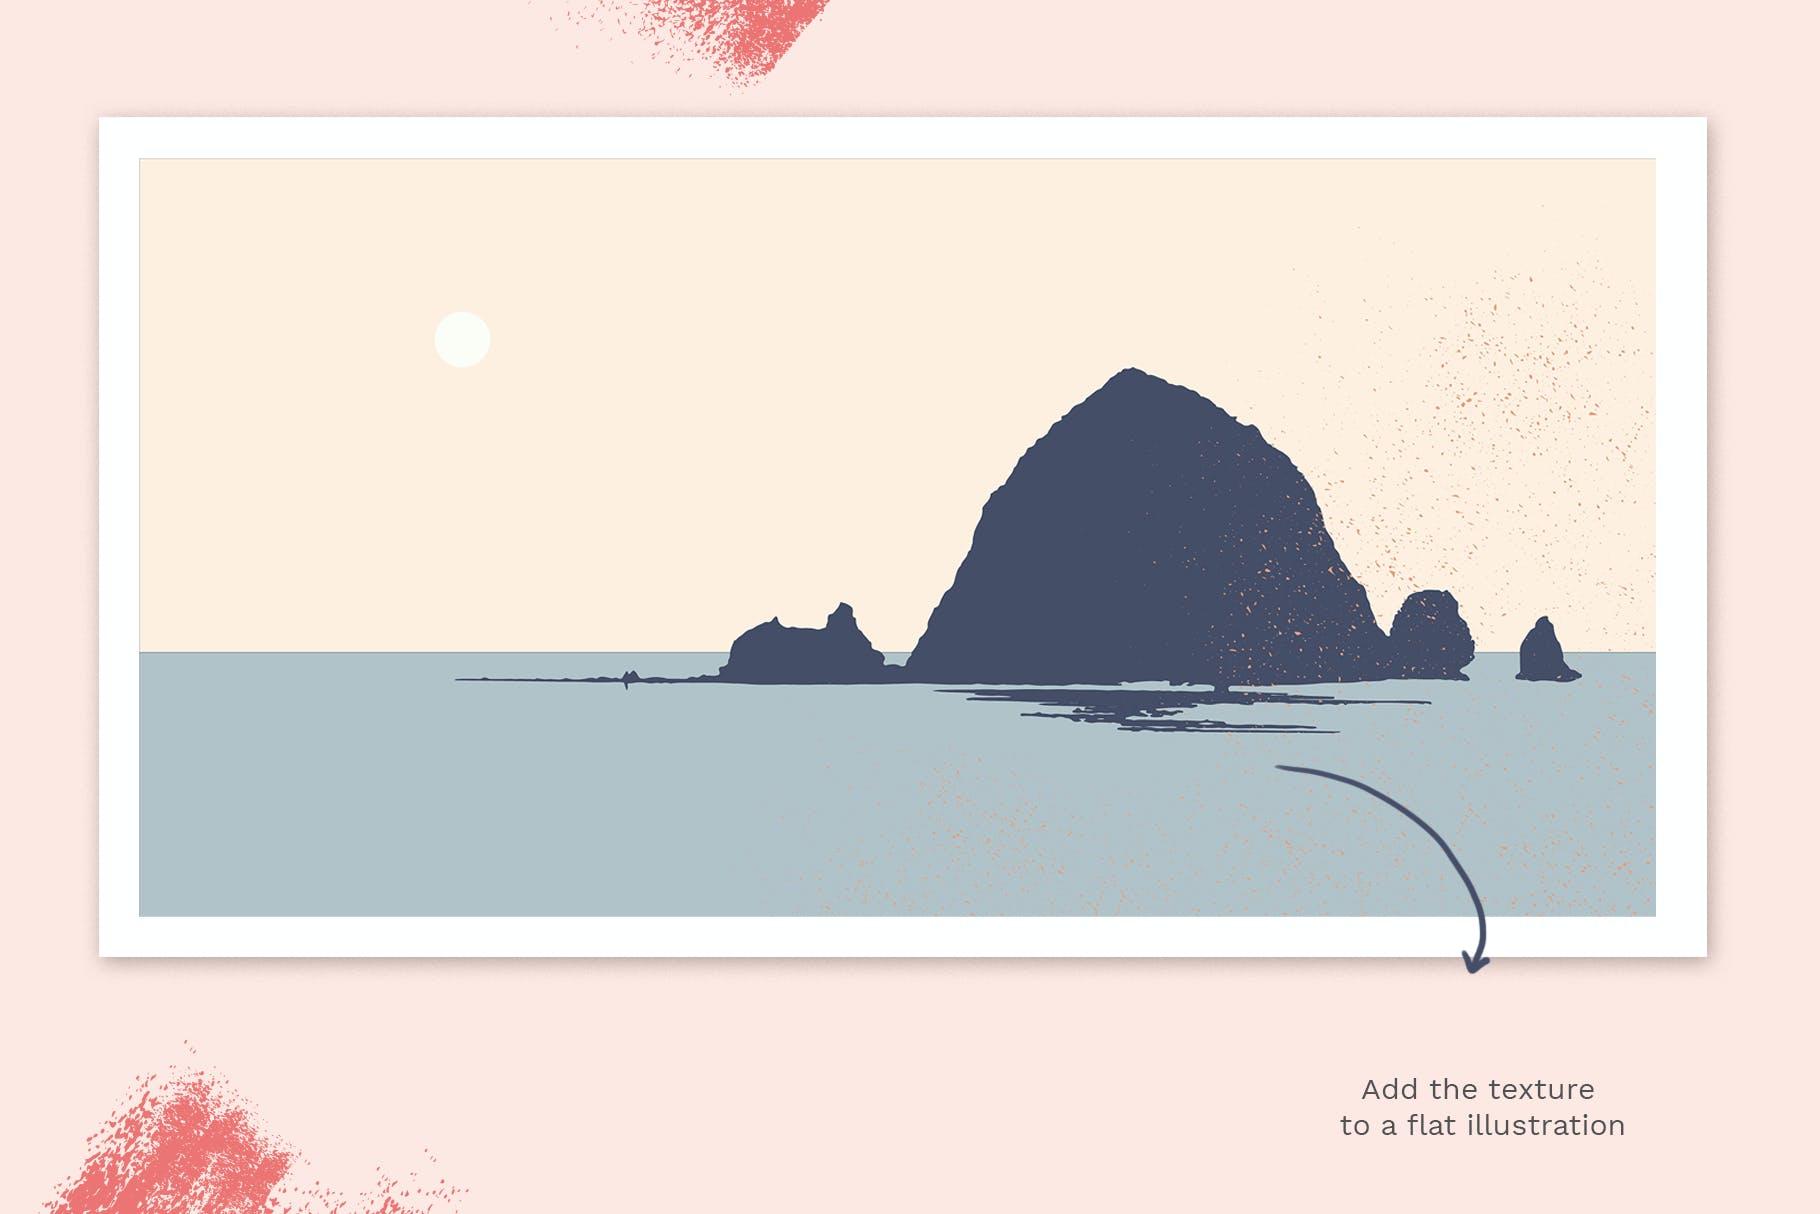 24款斑点颗粒AI矢量笔刷纹理素材 Vector Grain Brushes – Illustrator插图(5)